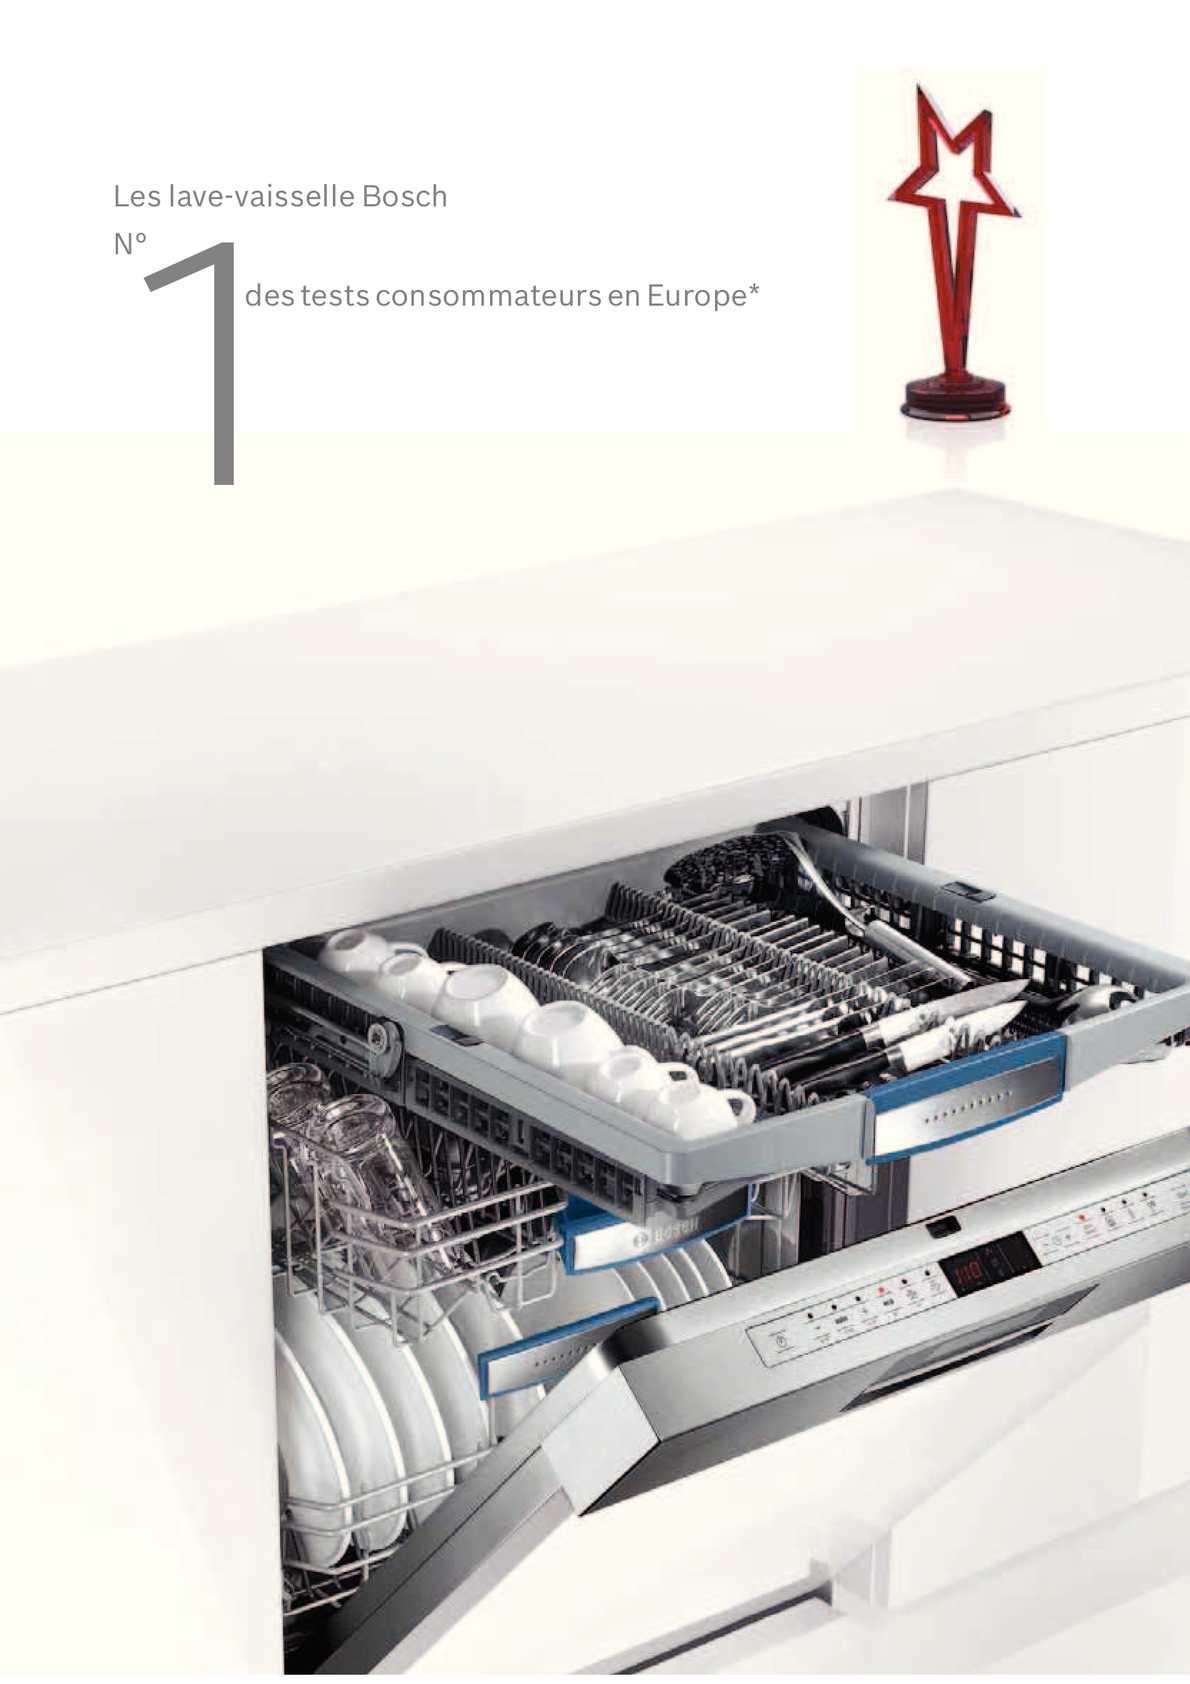 Calam o catalogue lave vaisselle bosch for Interieur lave vaisselle bosch